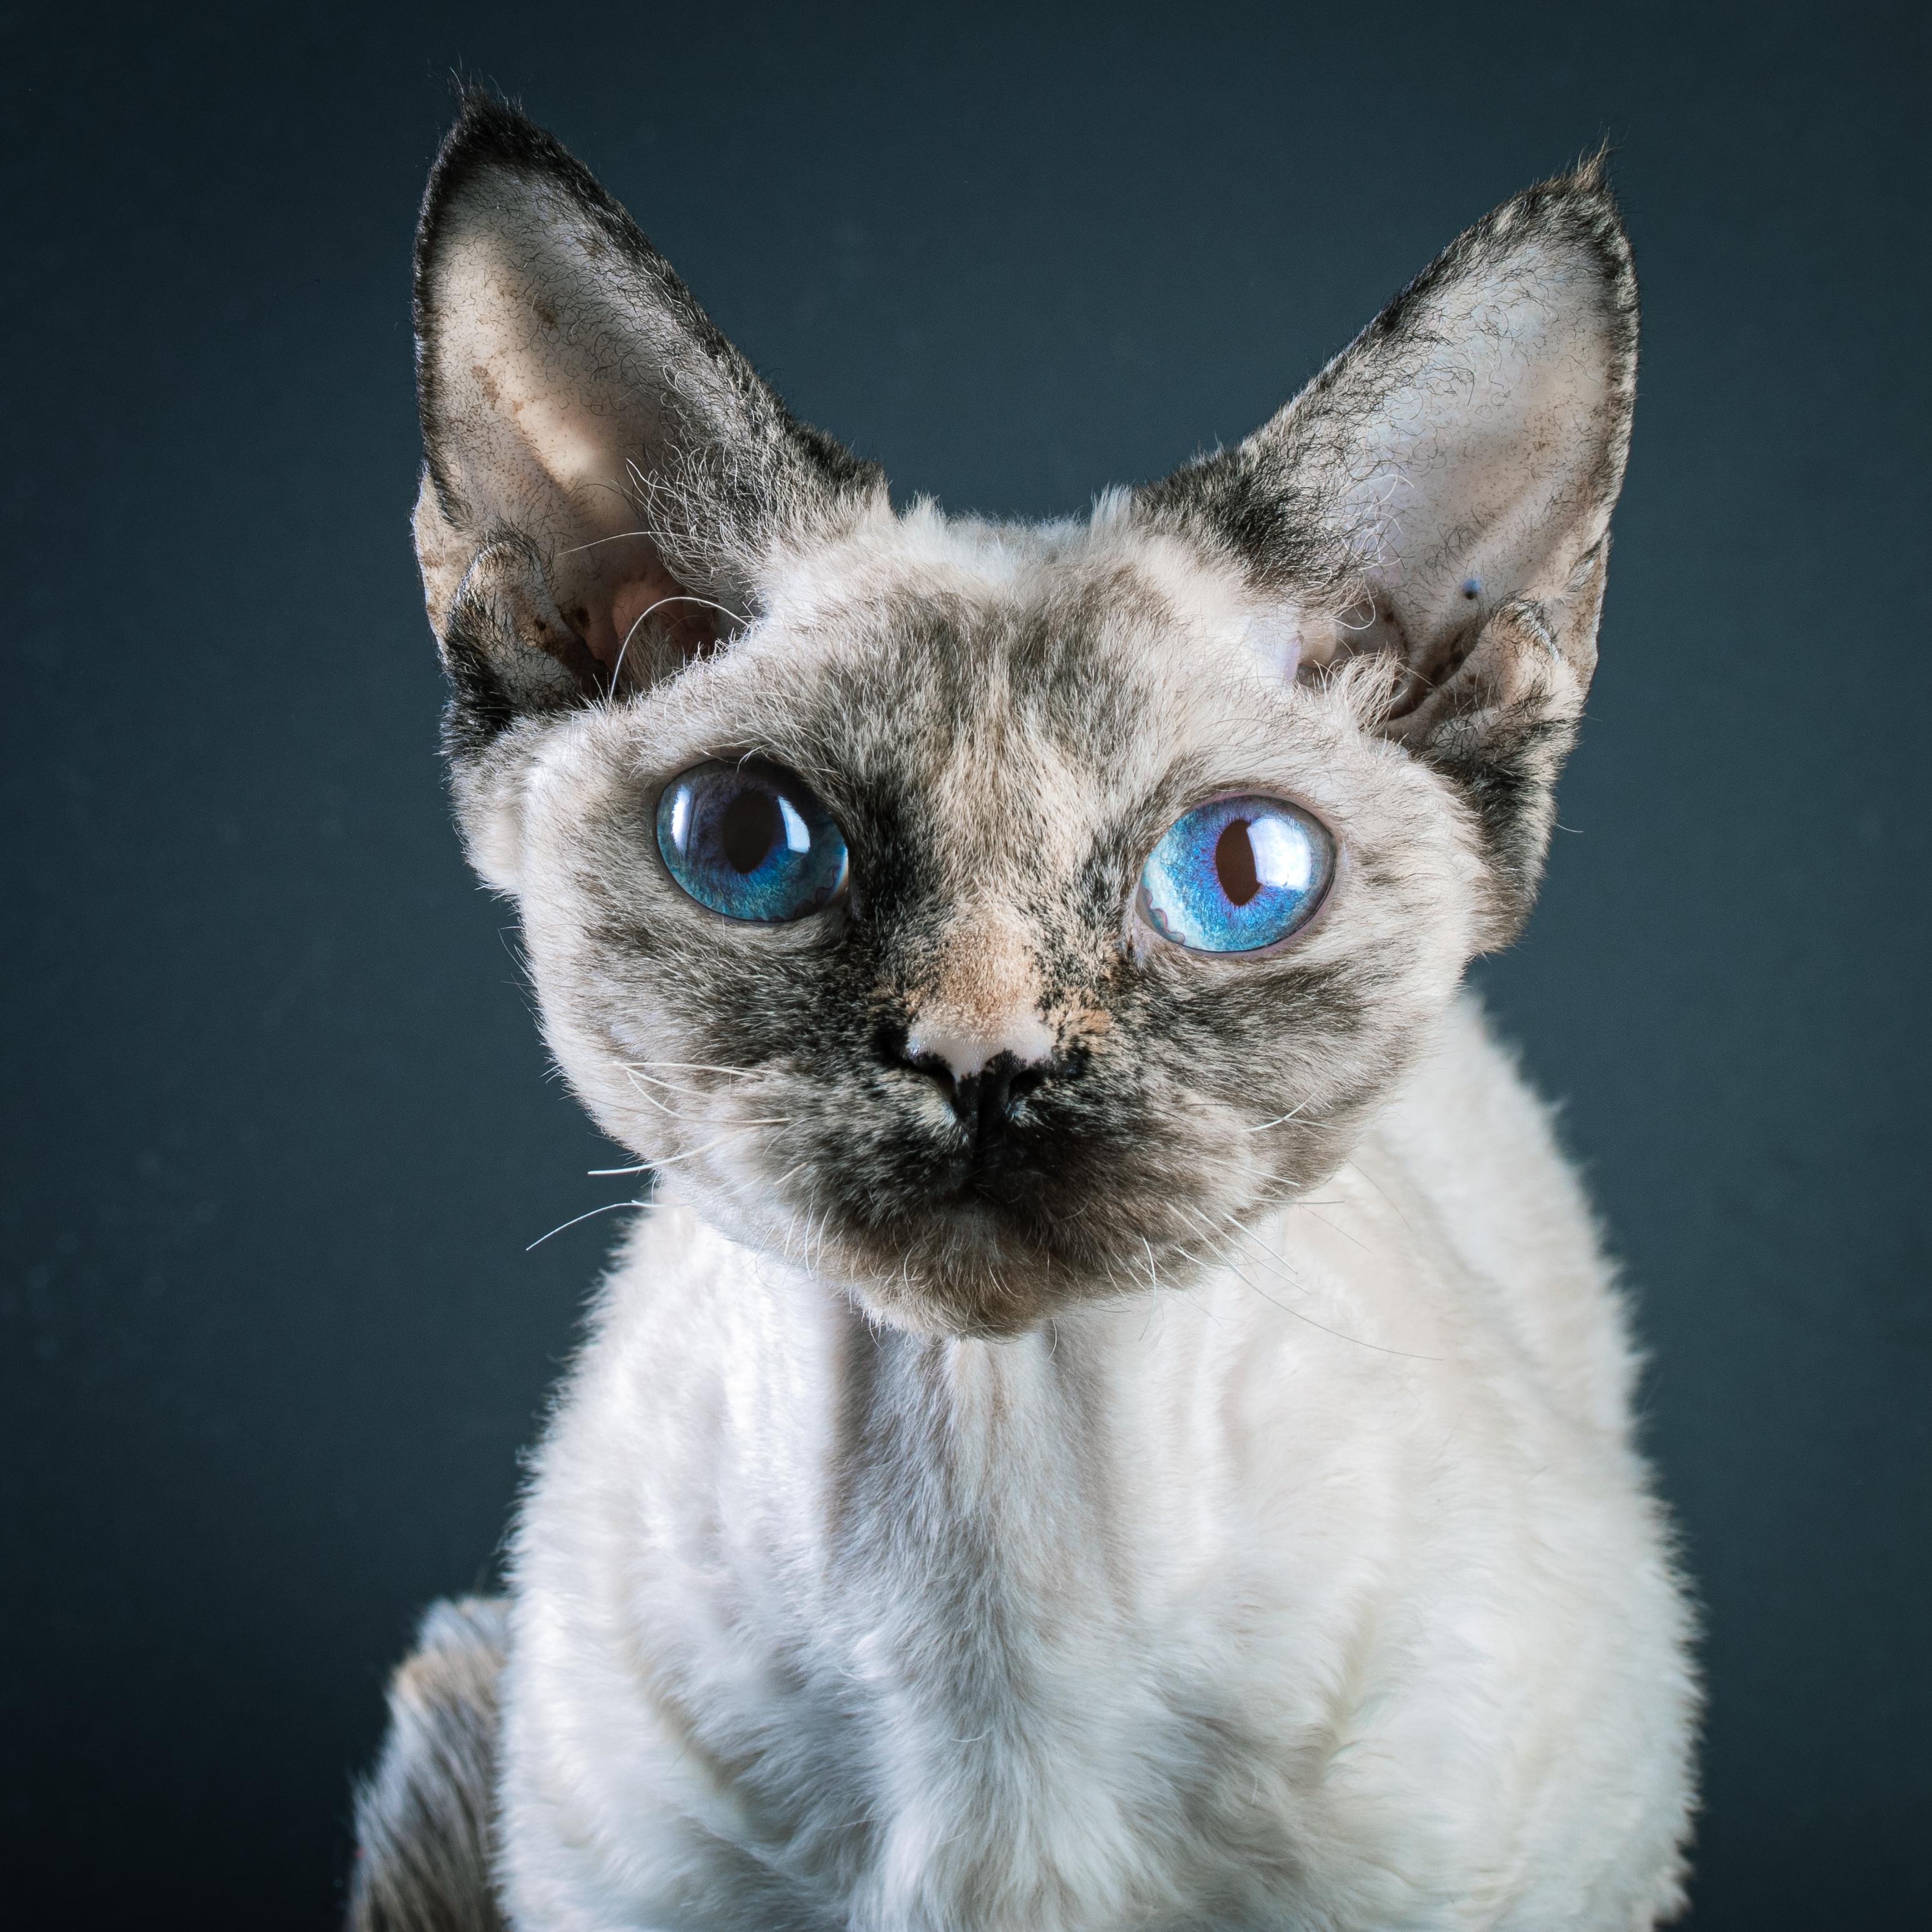 Домашняя кошка. Девон-рекс. Портрет